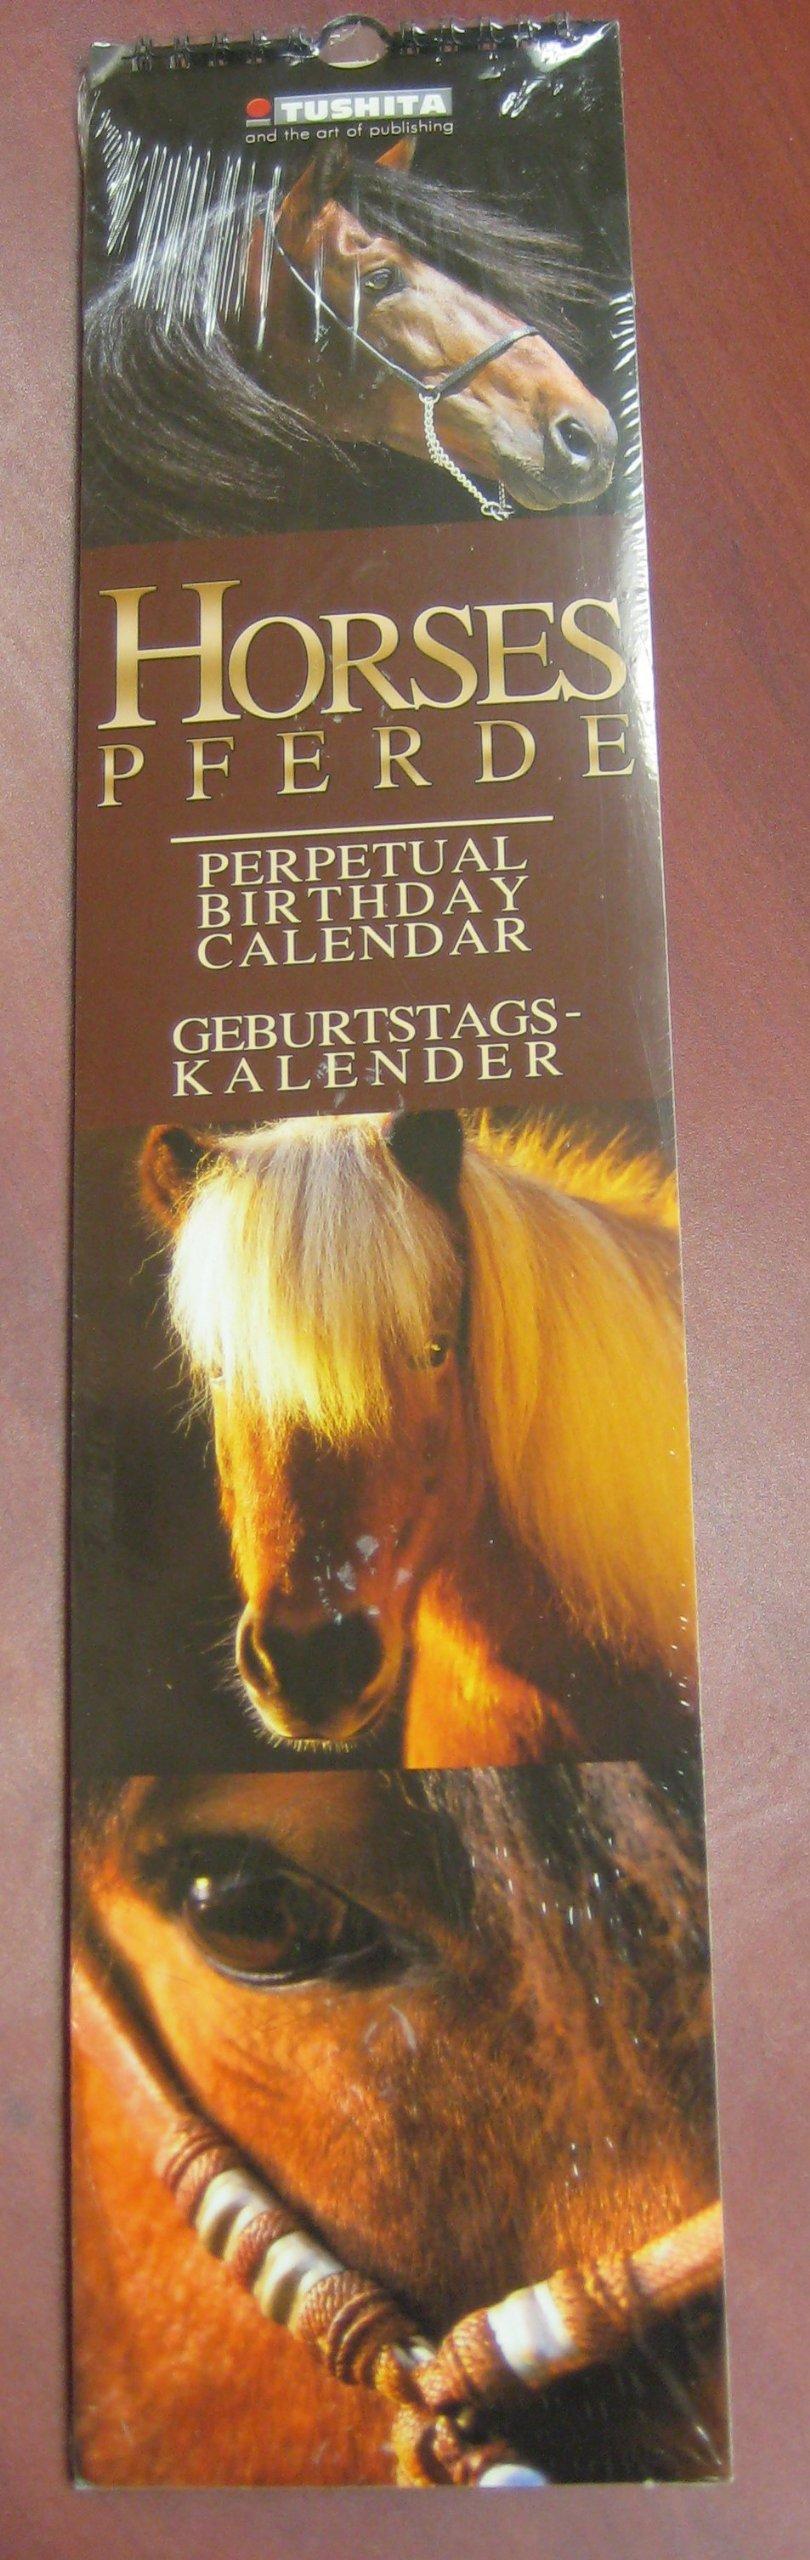 Horses Perpetual Birthday Calendar